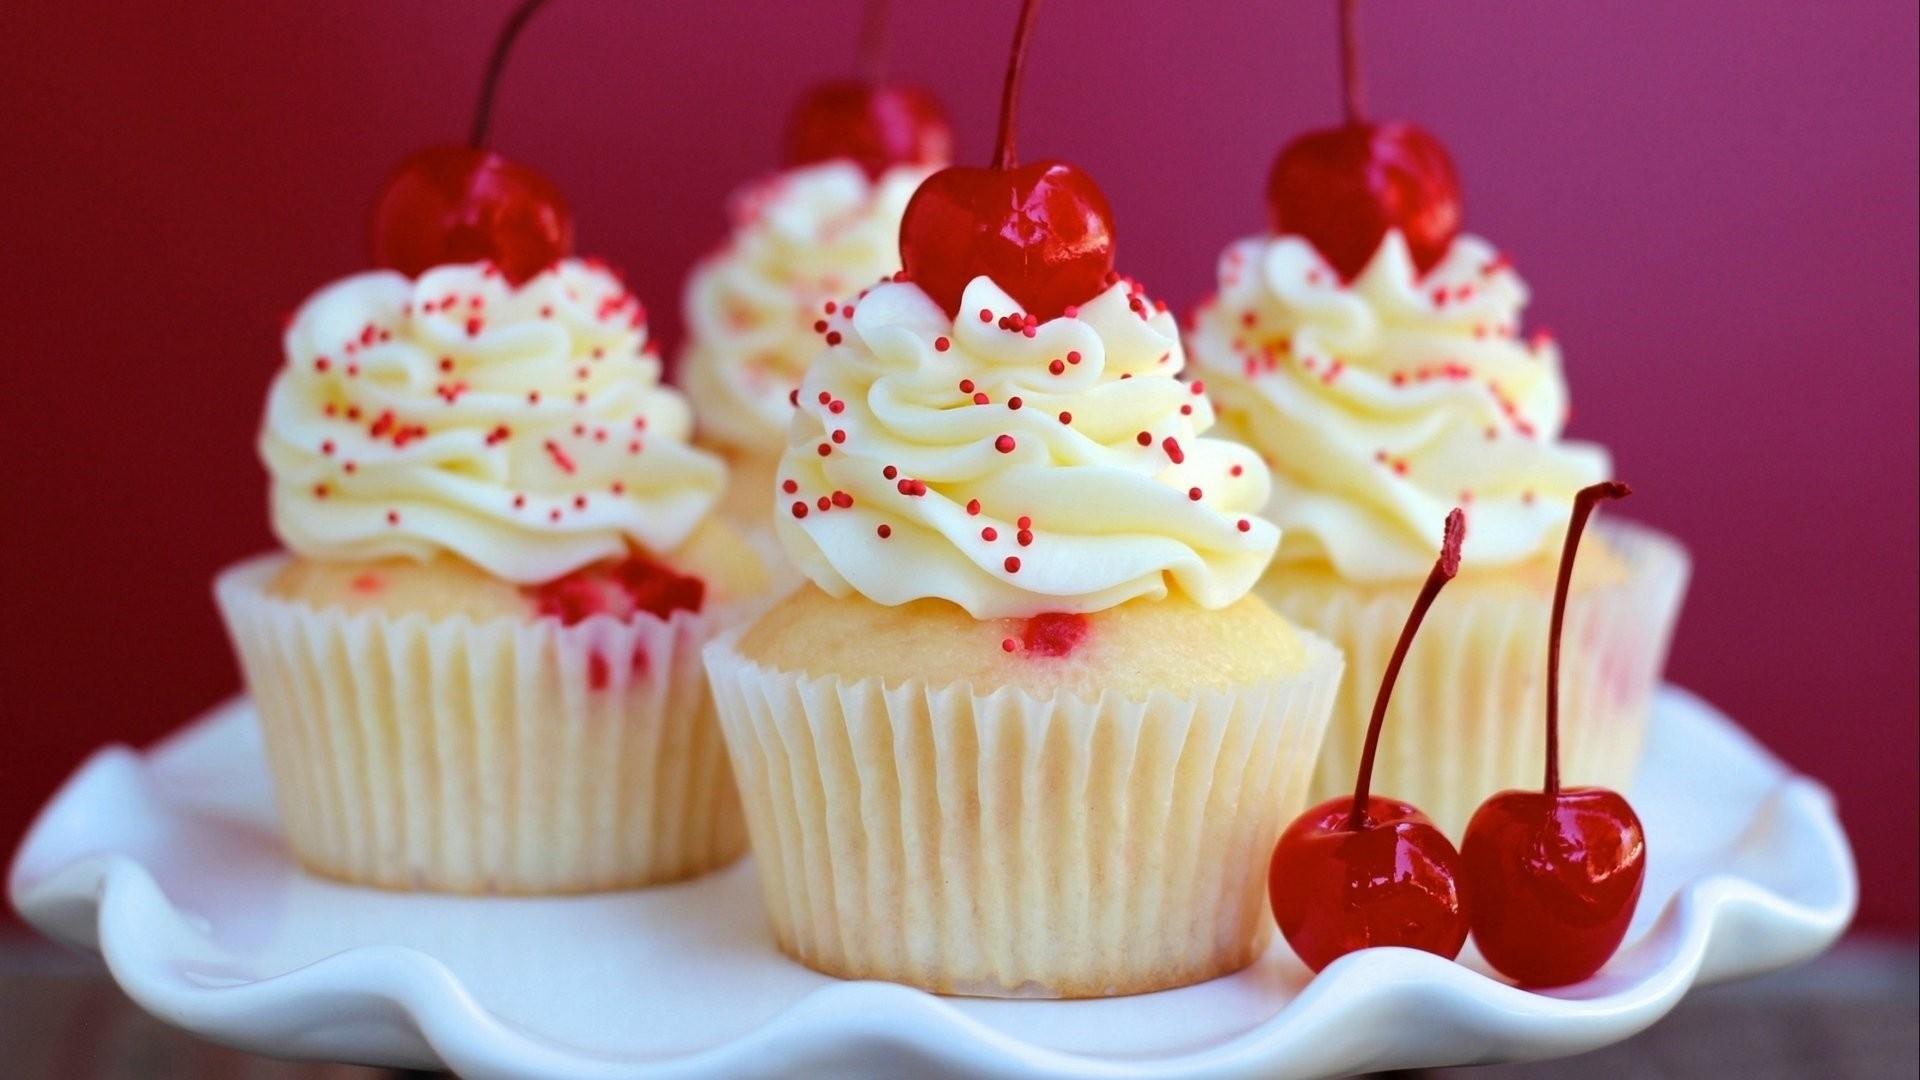 Cupcake Download Wallpaper